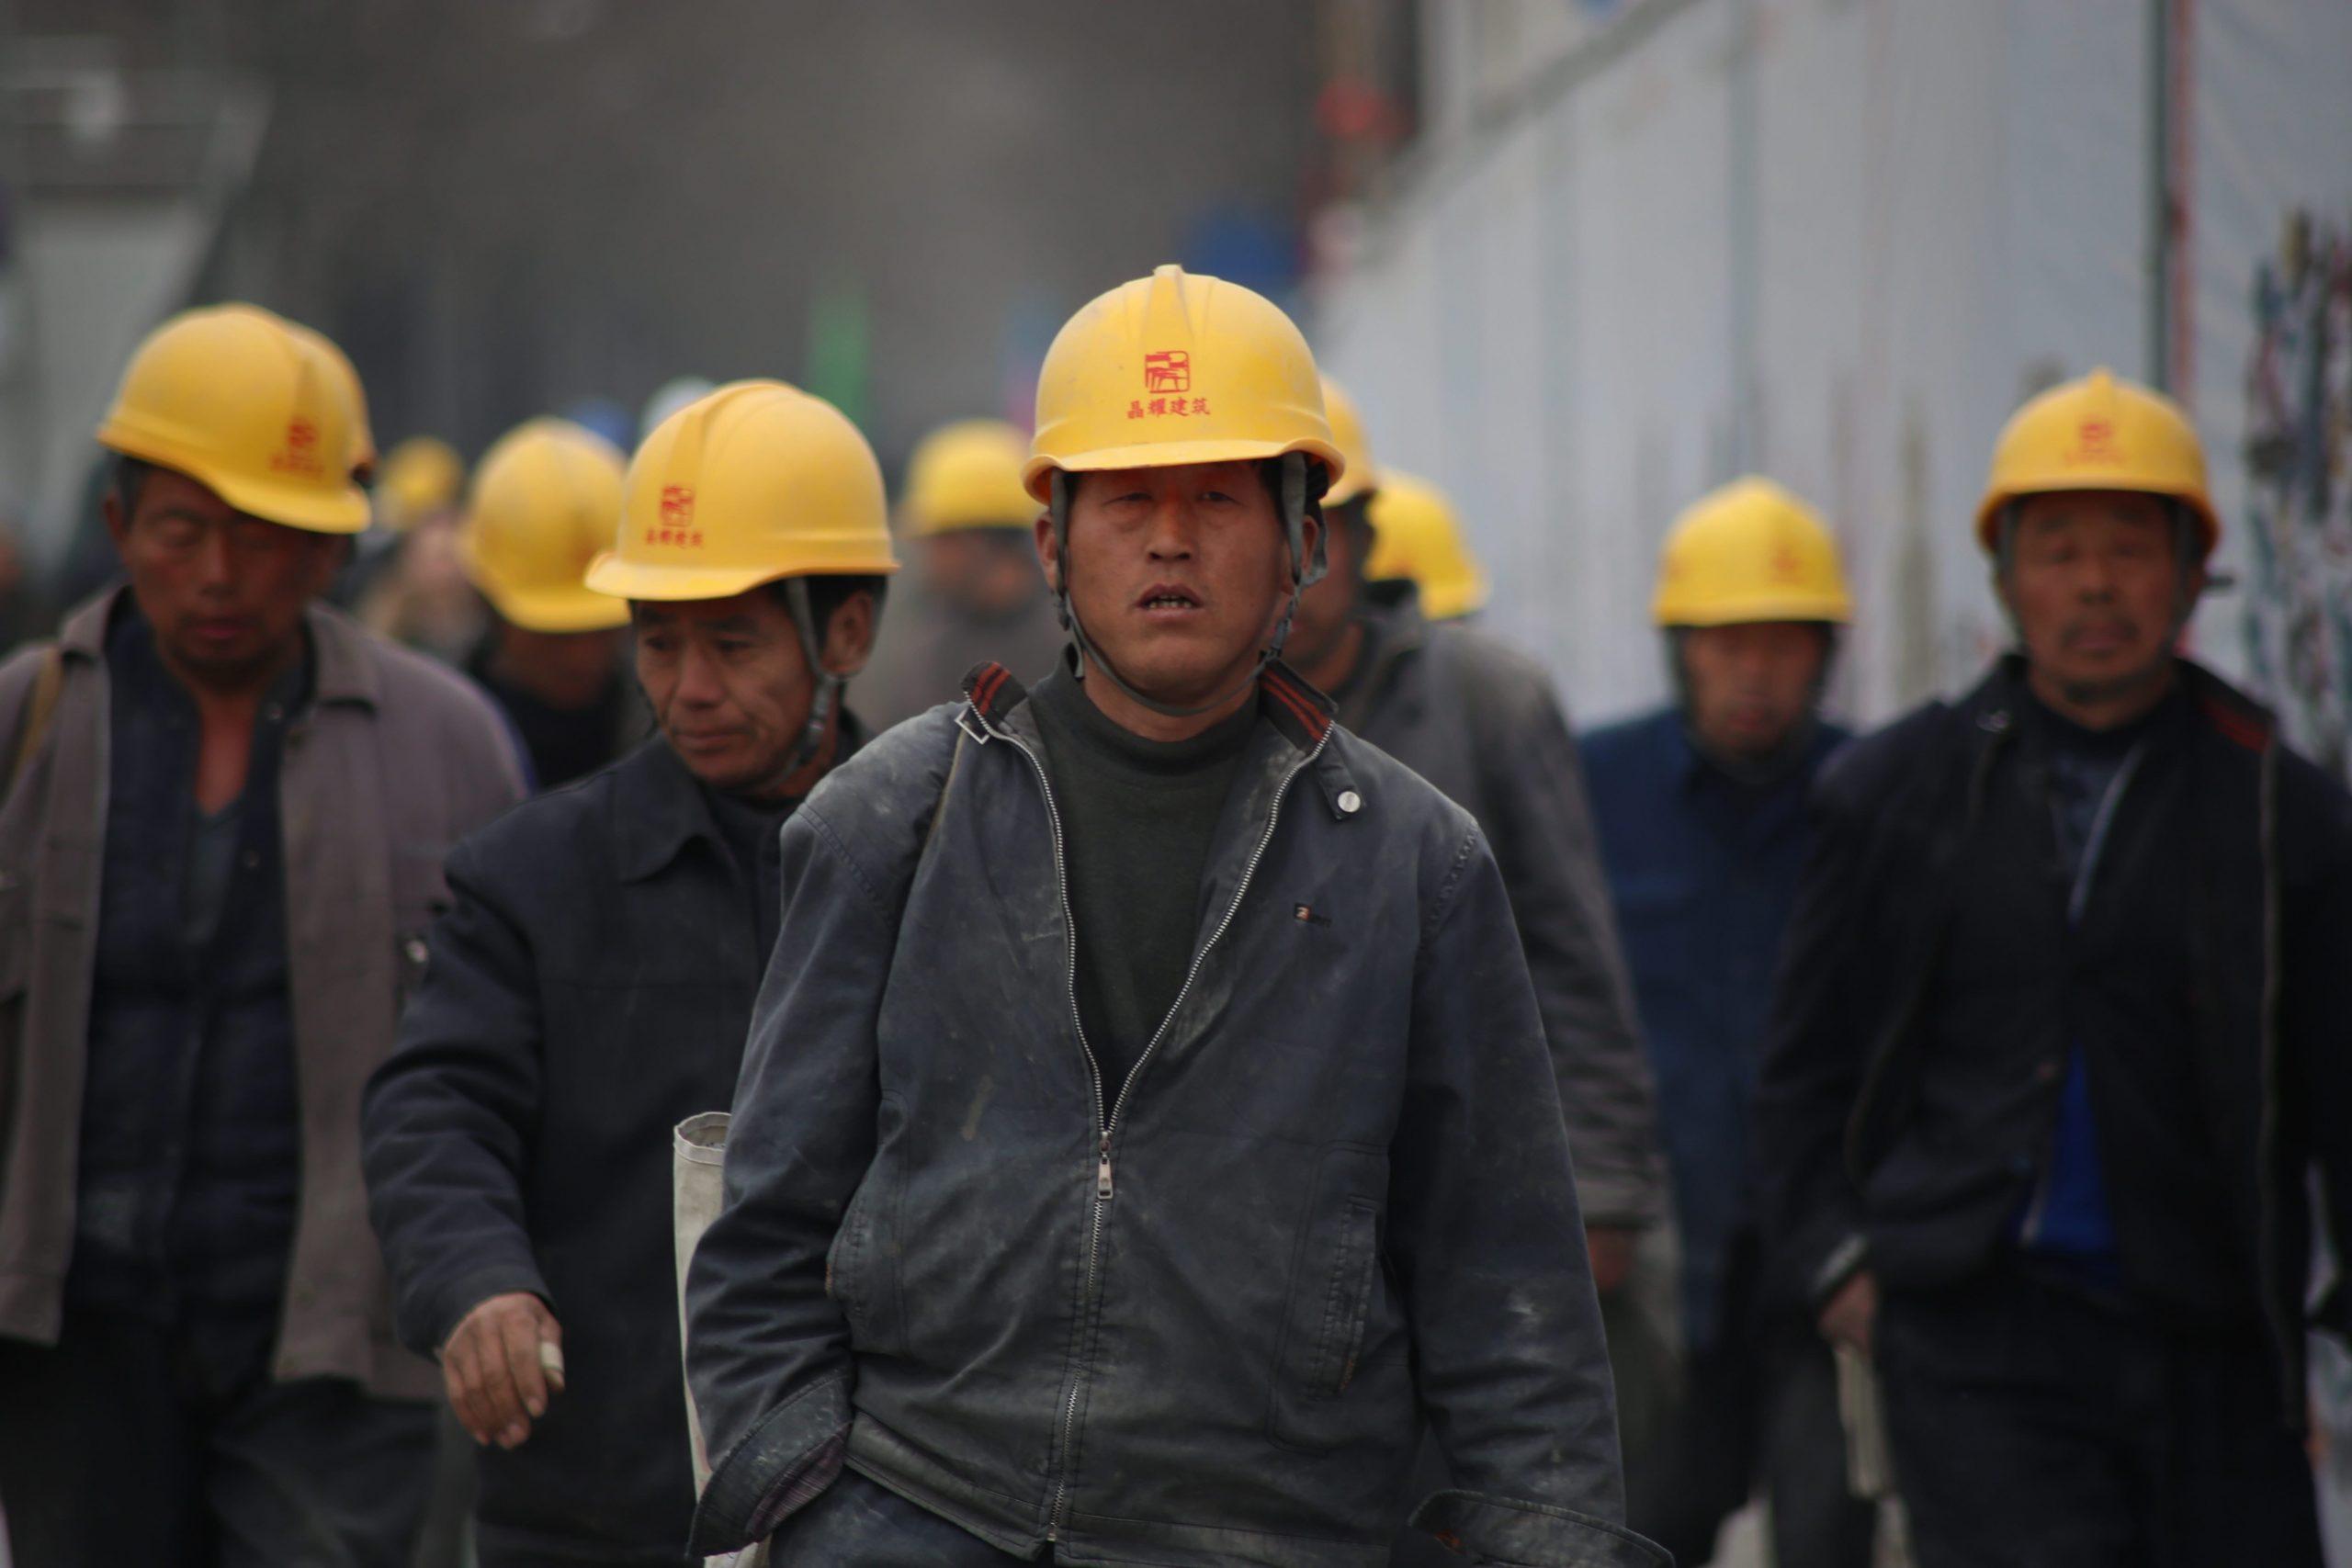 İşçileri Yakından İlgilendiren Kod 29 Nedir?